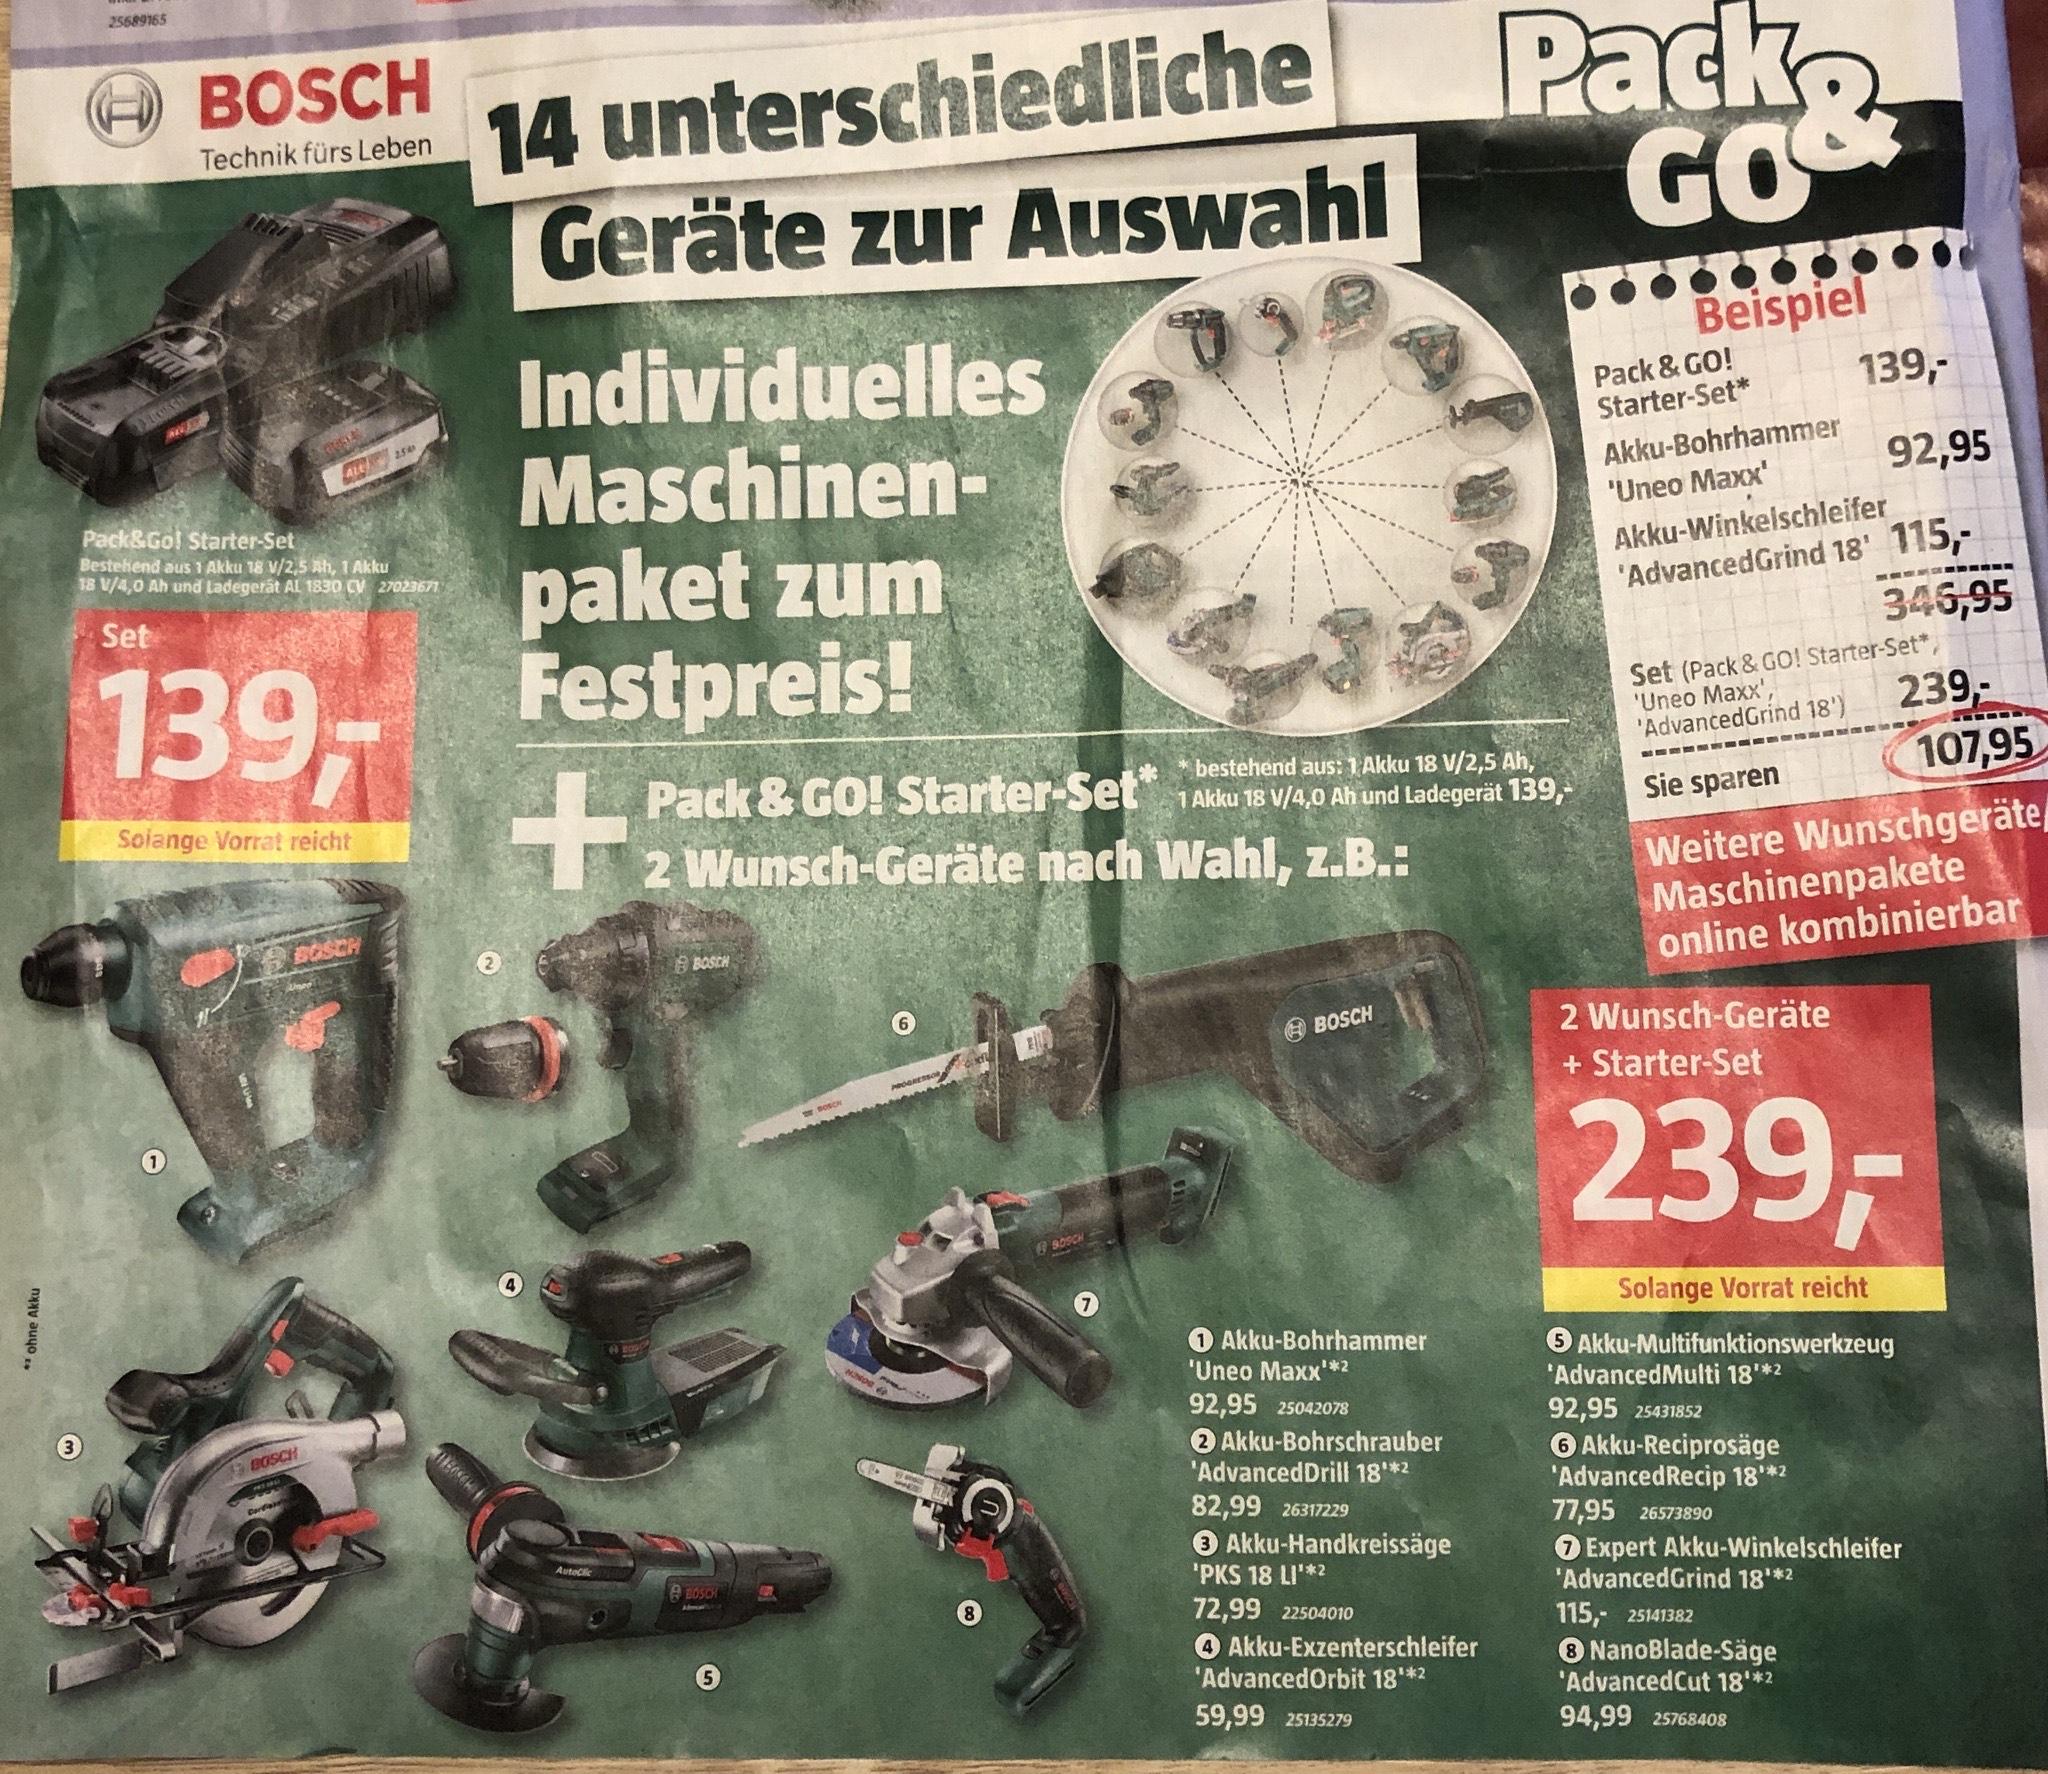 Bauhaus Bosch Pack & Go Aktion